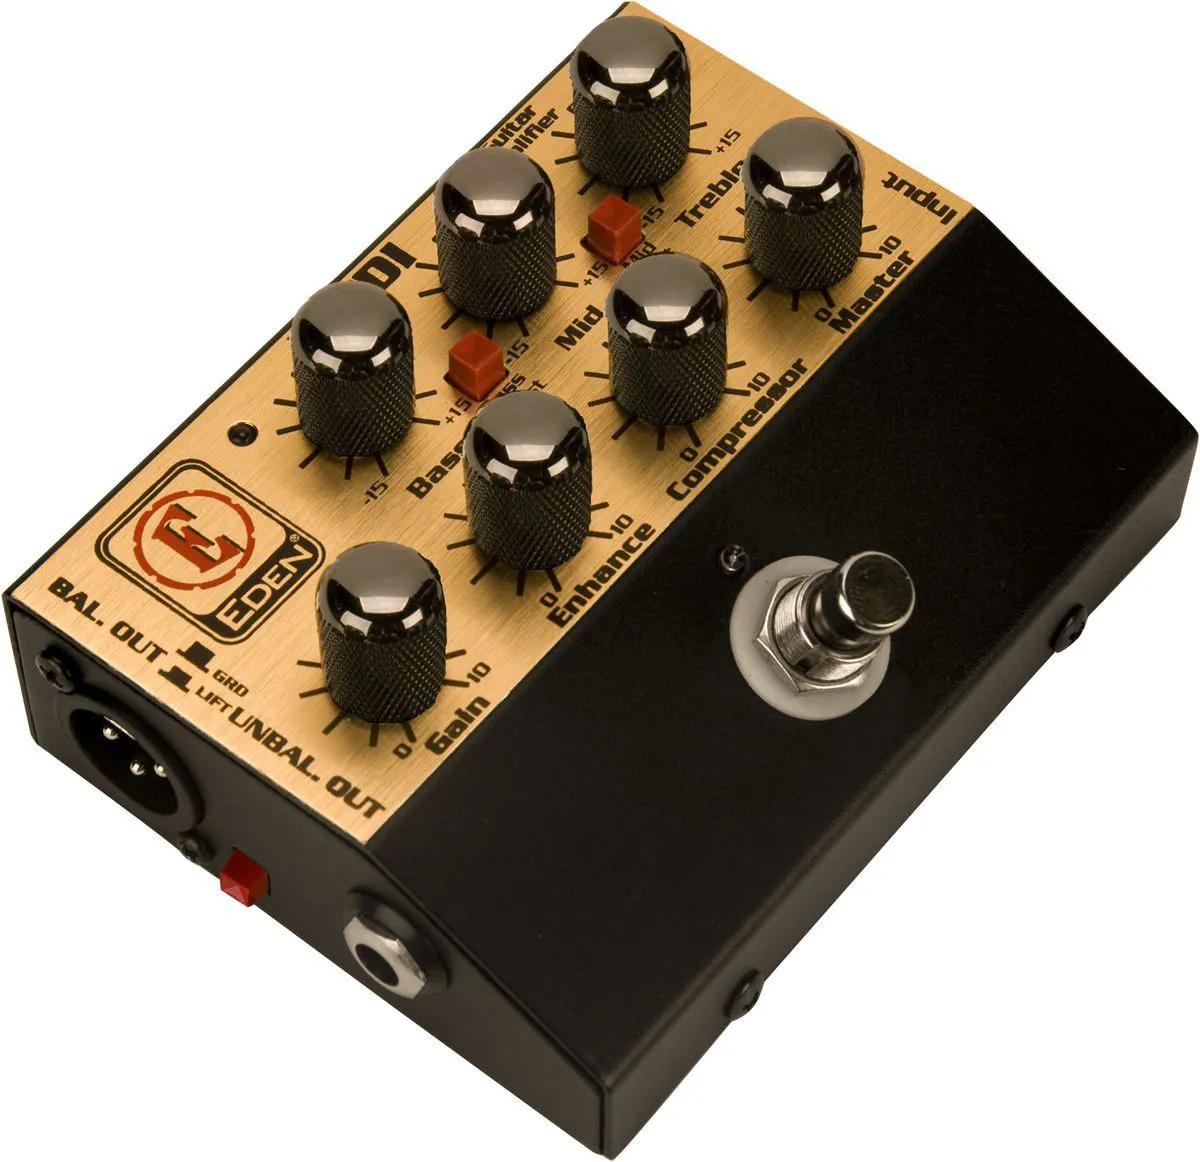 Pedal pre-amplificador com direct box - WTDI-B - EDEN